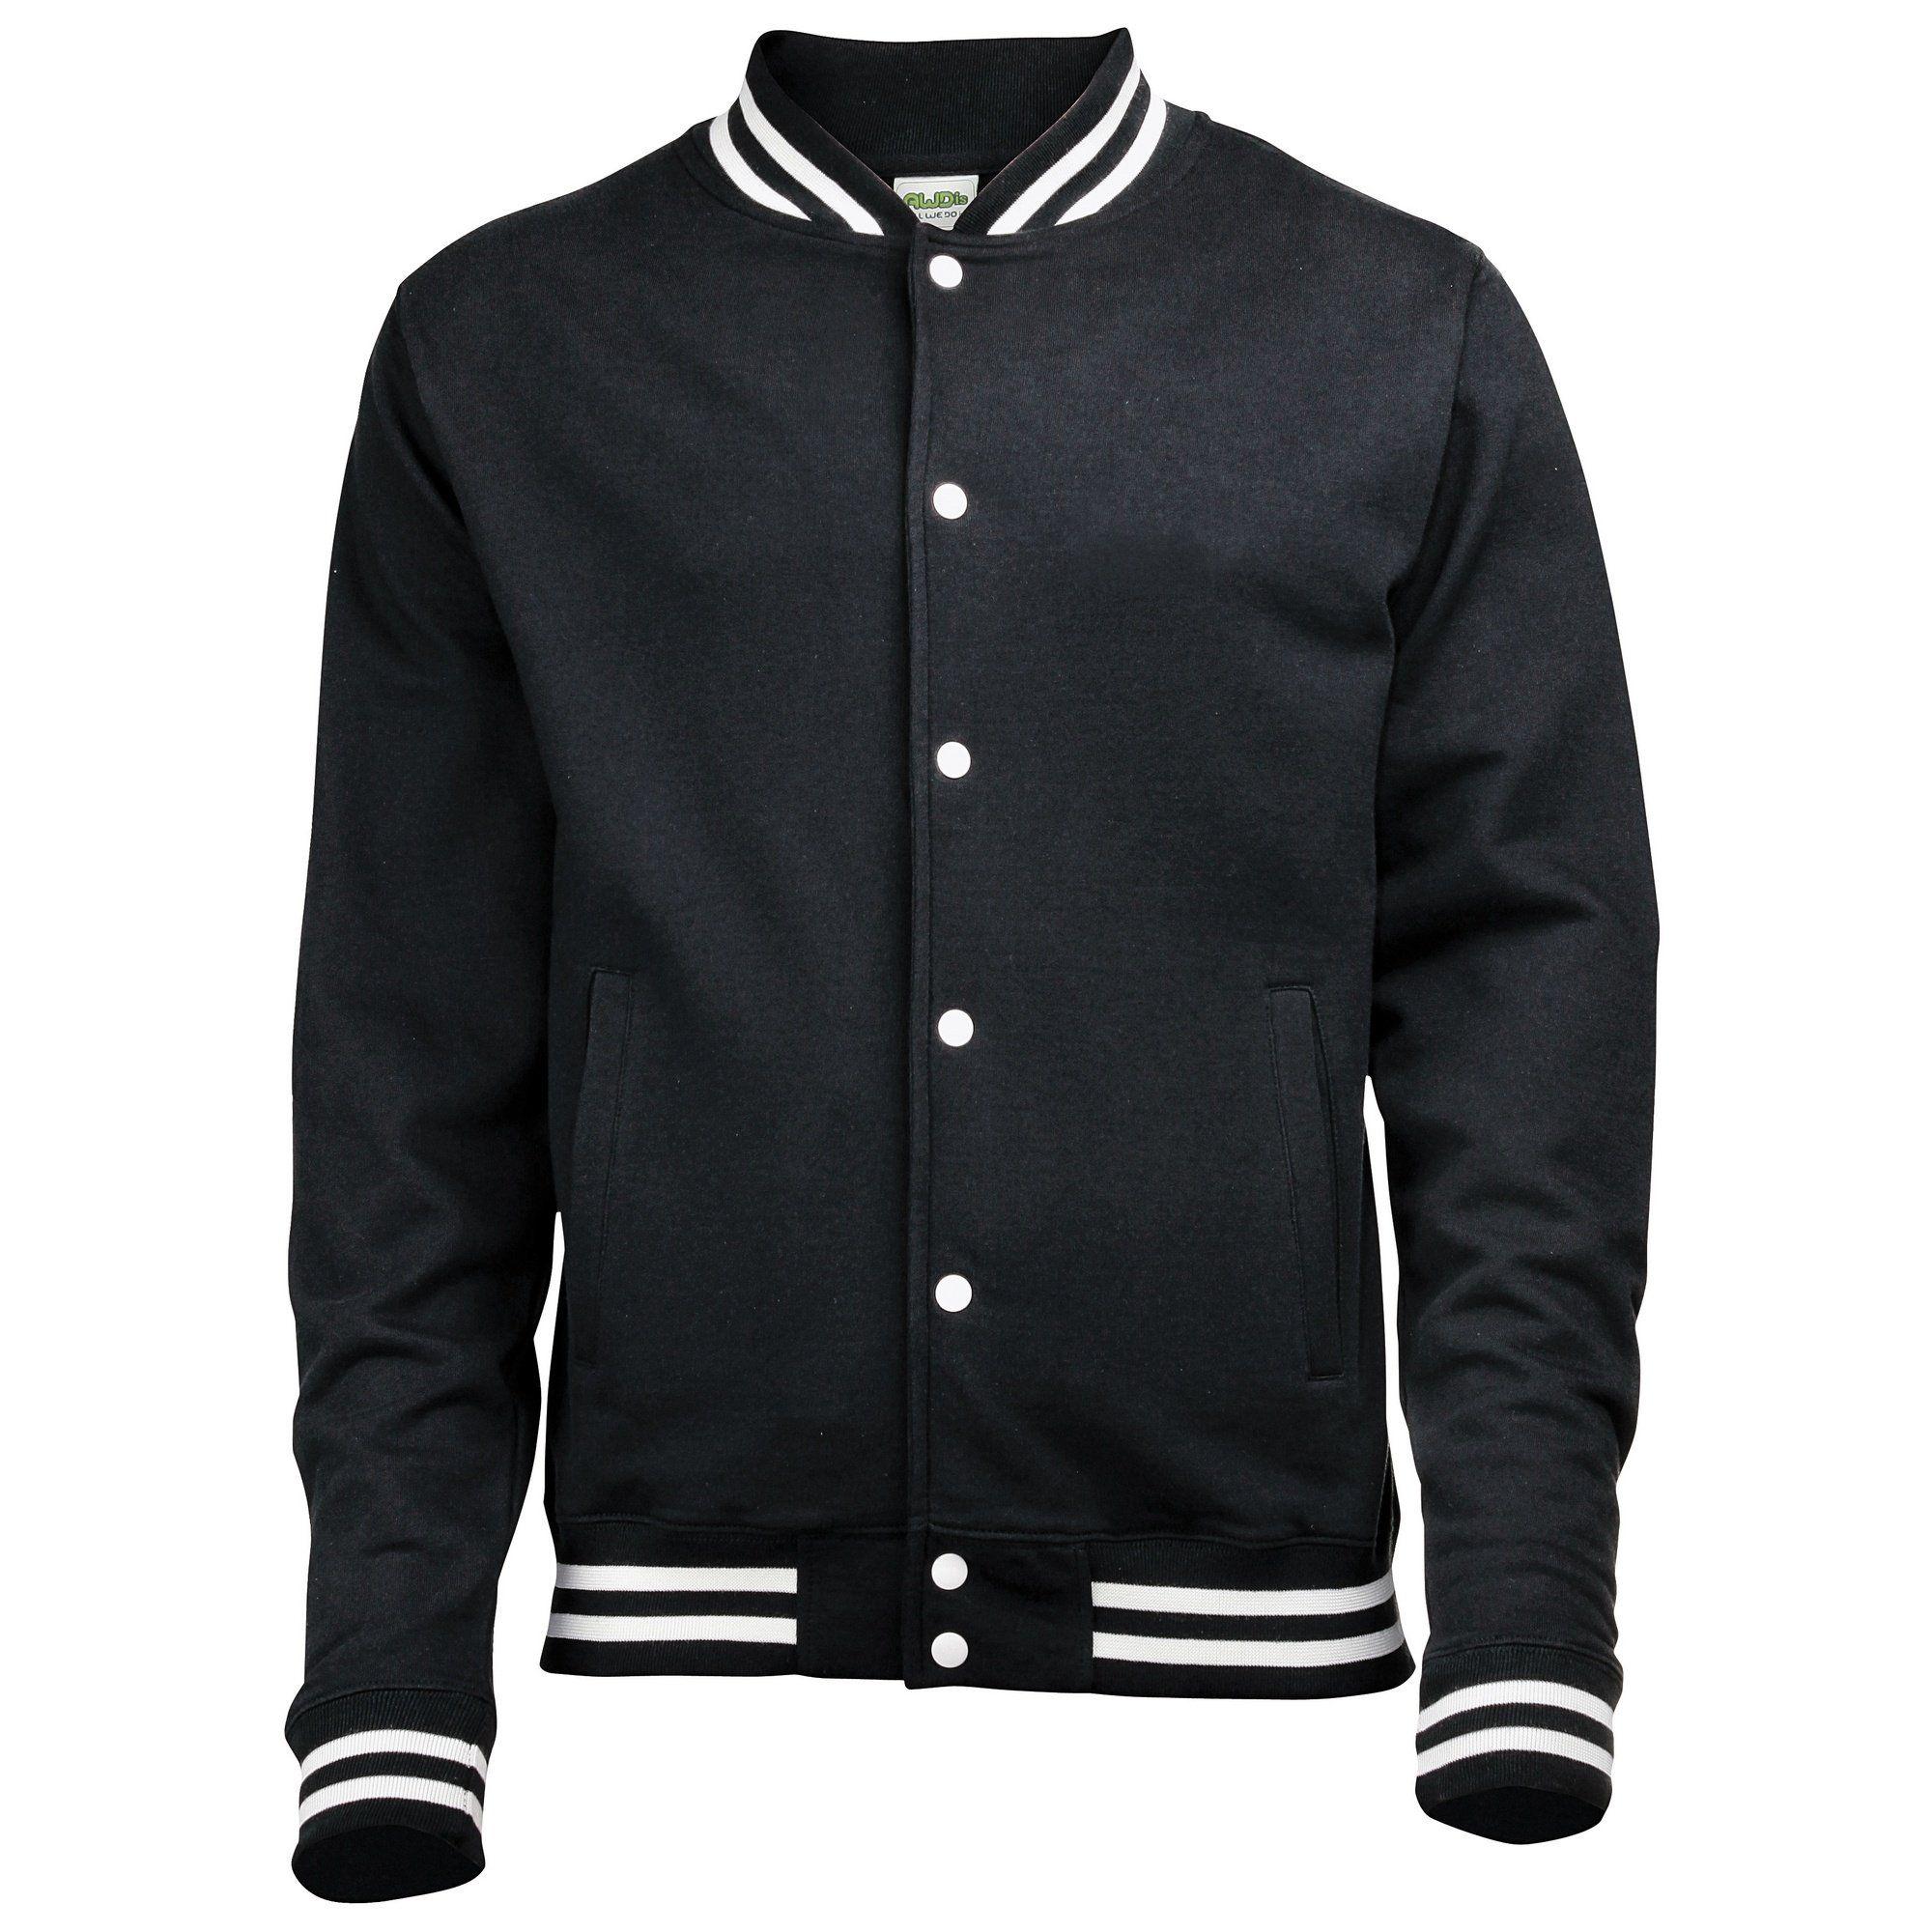 Mens jacket names - Awdis Mens College Jacket Amazon Co Uk Clothing